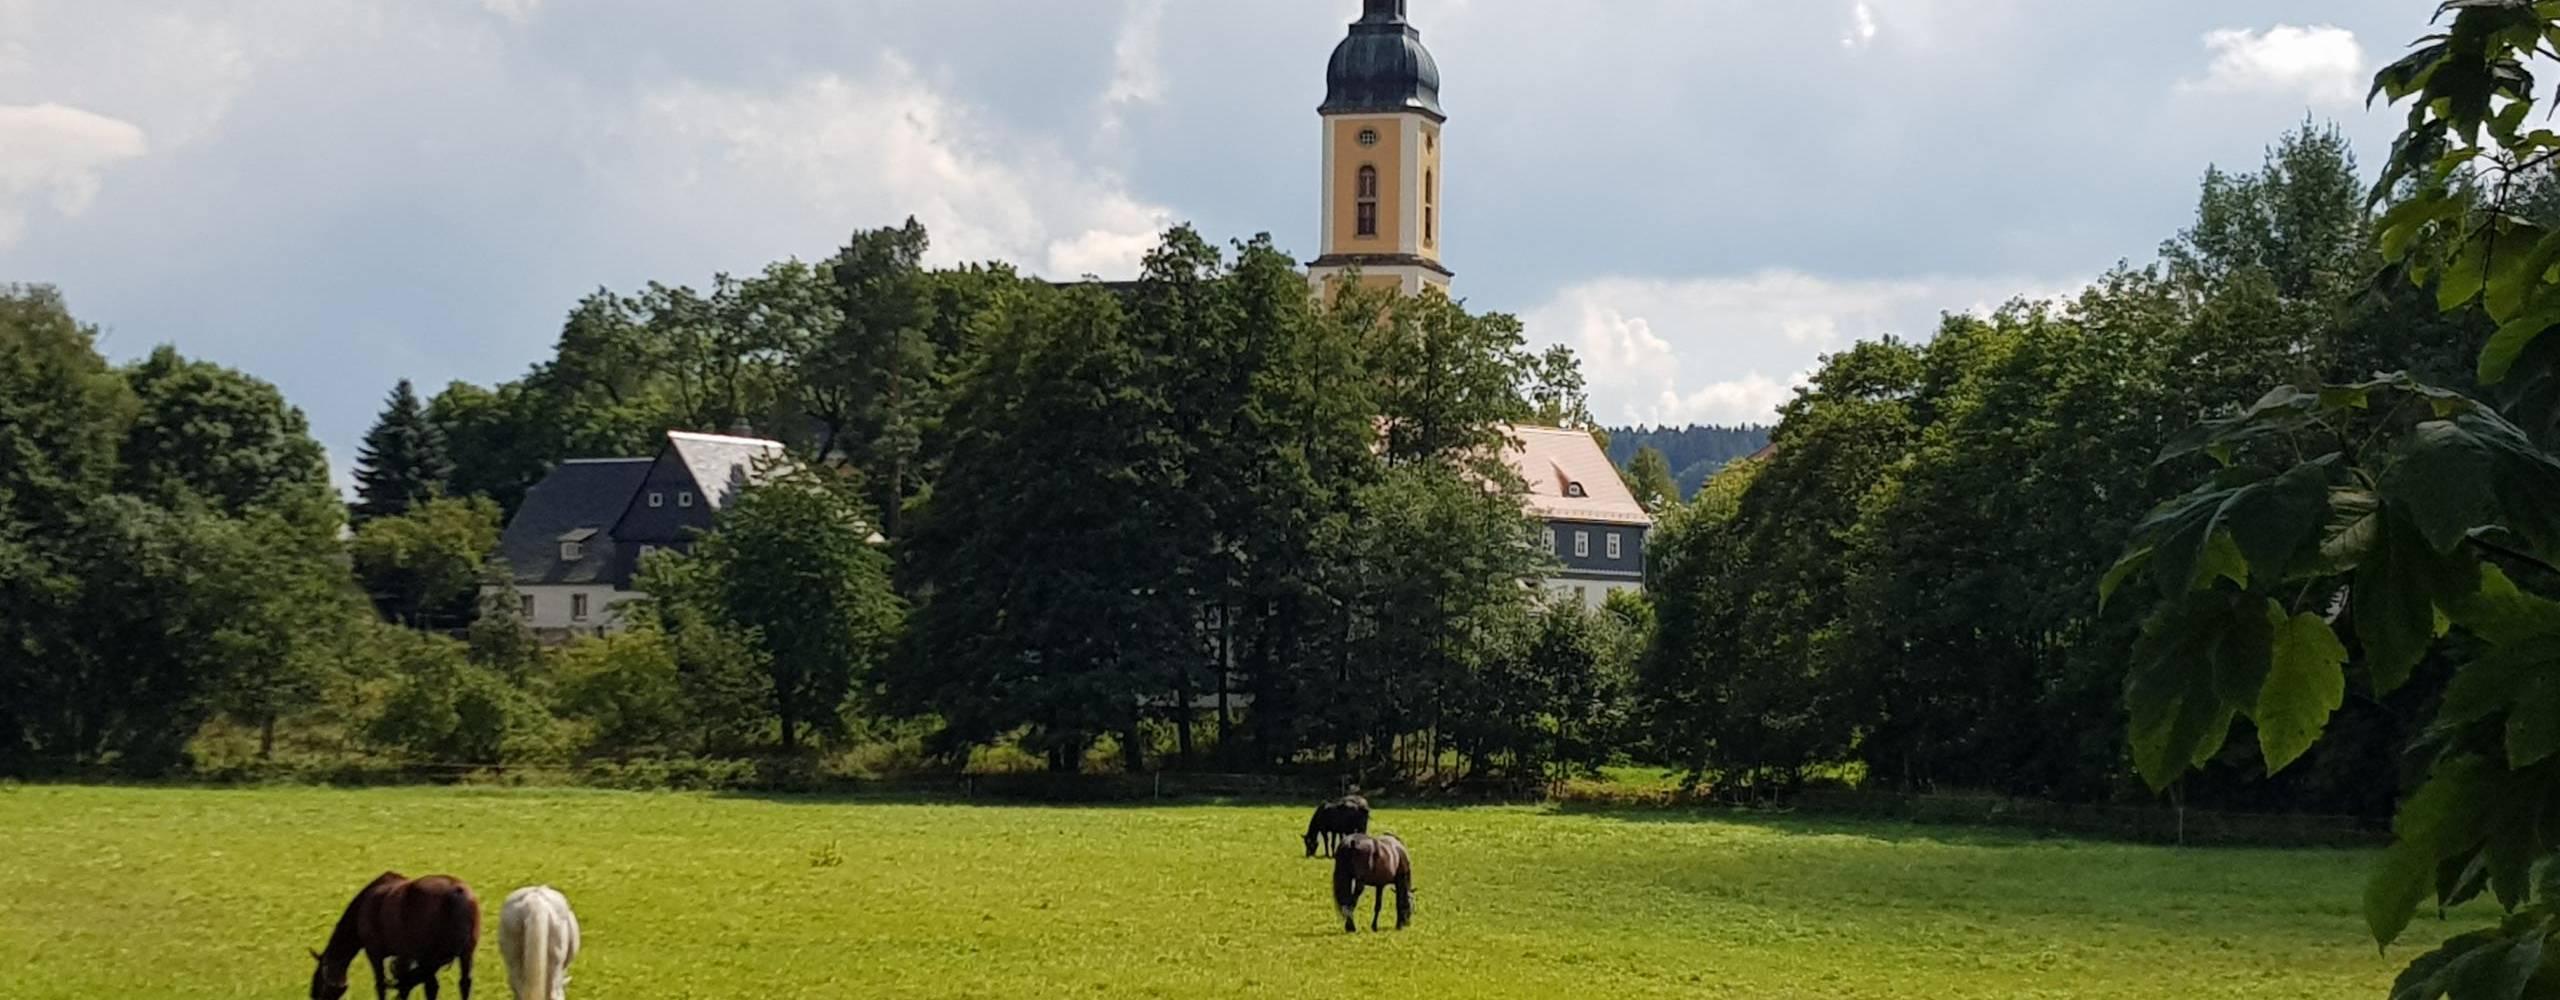 20200819 134833 ©Kirche mit Weidekoppel Foto: Gerlinde Kühn